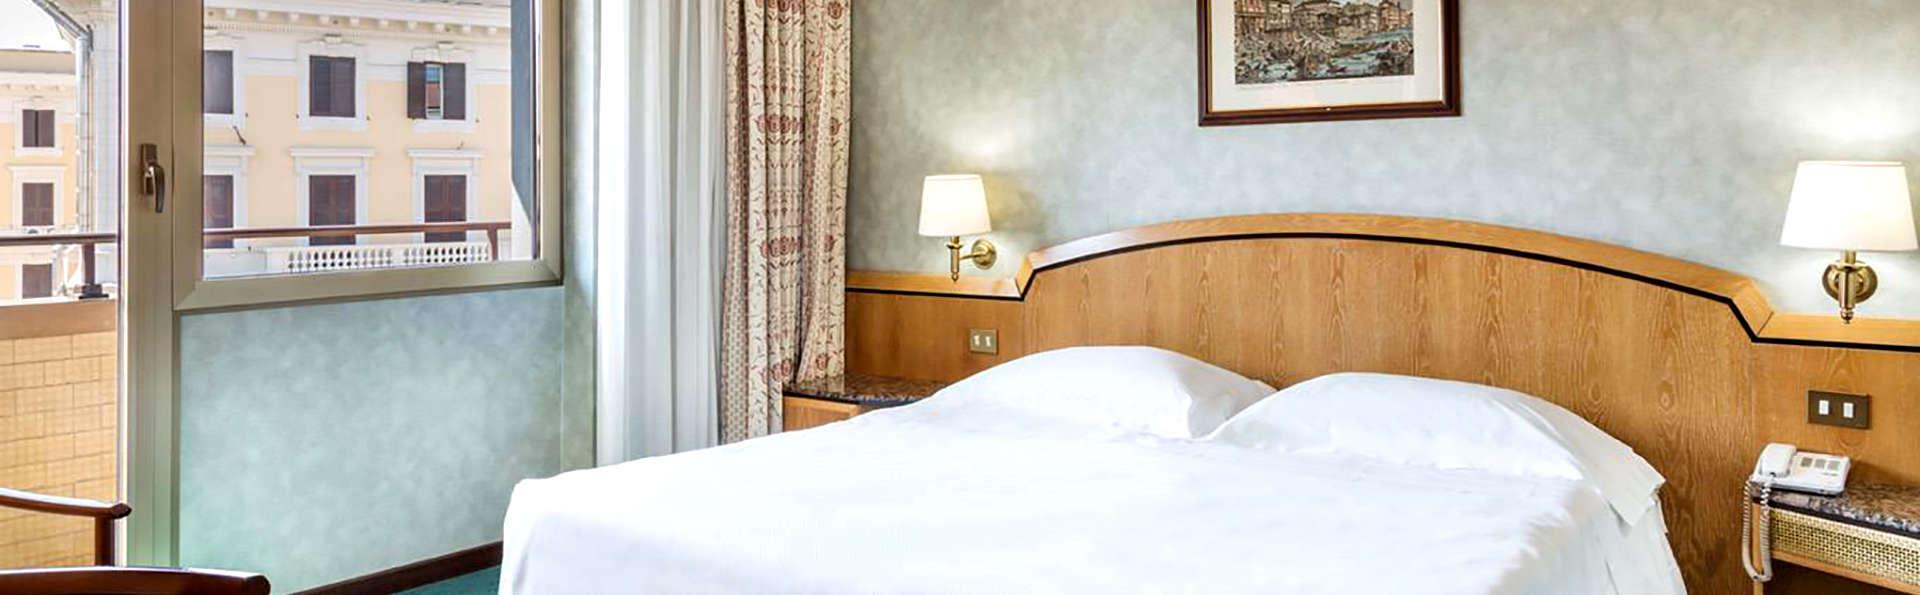 week end citytrip rome avec coupe de bienvenue pour 2 adultes partir de 106. Black Bedroom Furniture Sets. Home Design Ideas